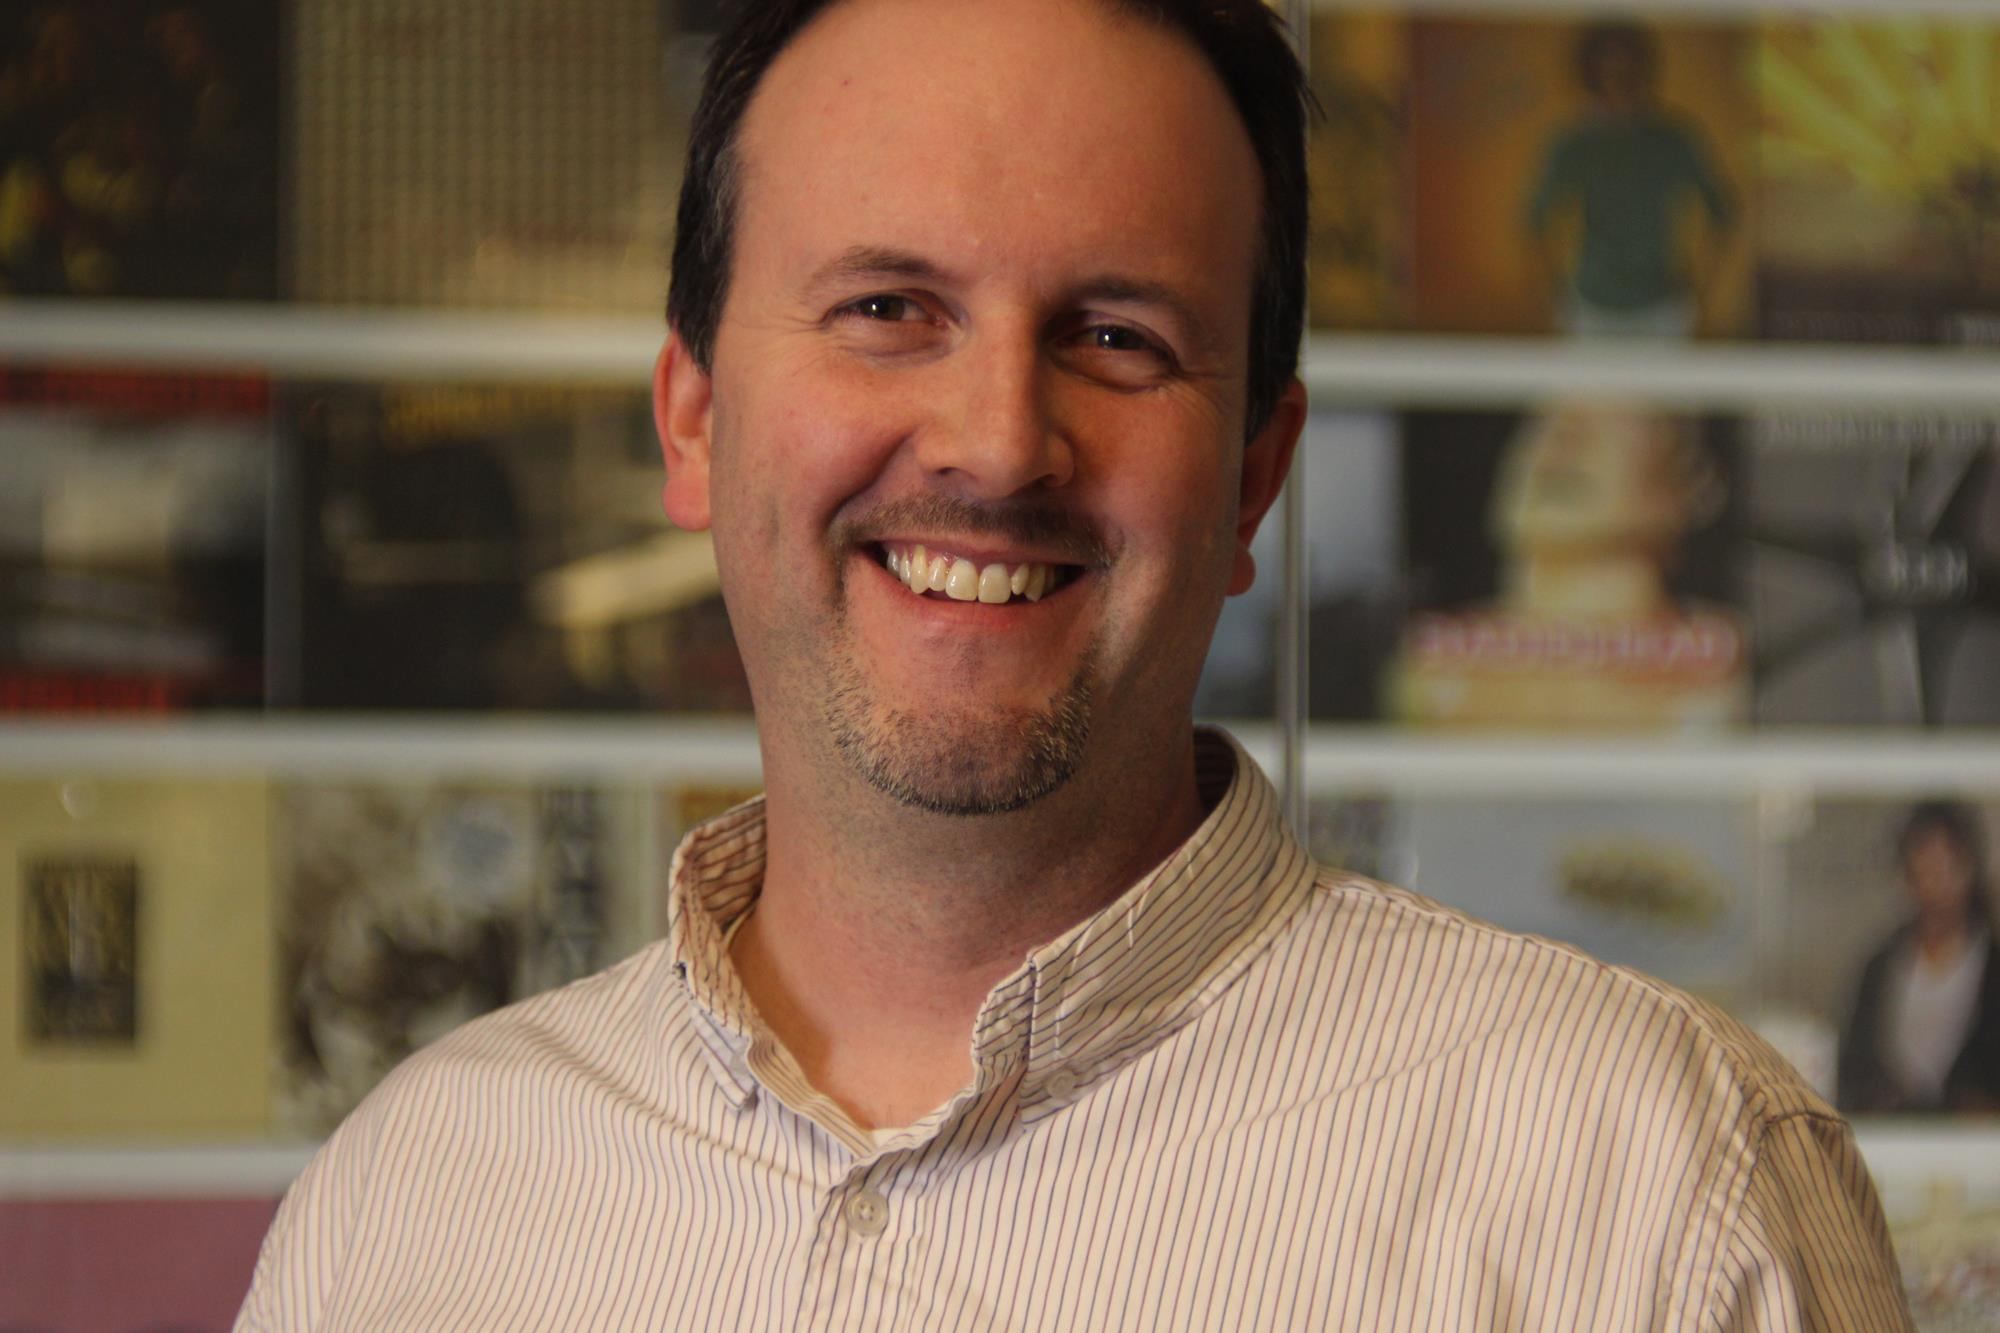 Eric Montague